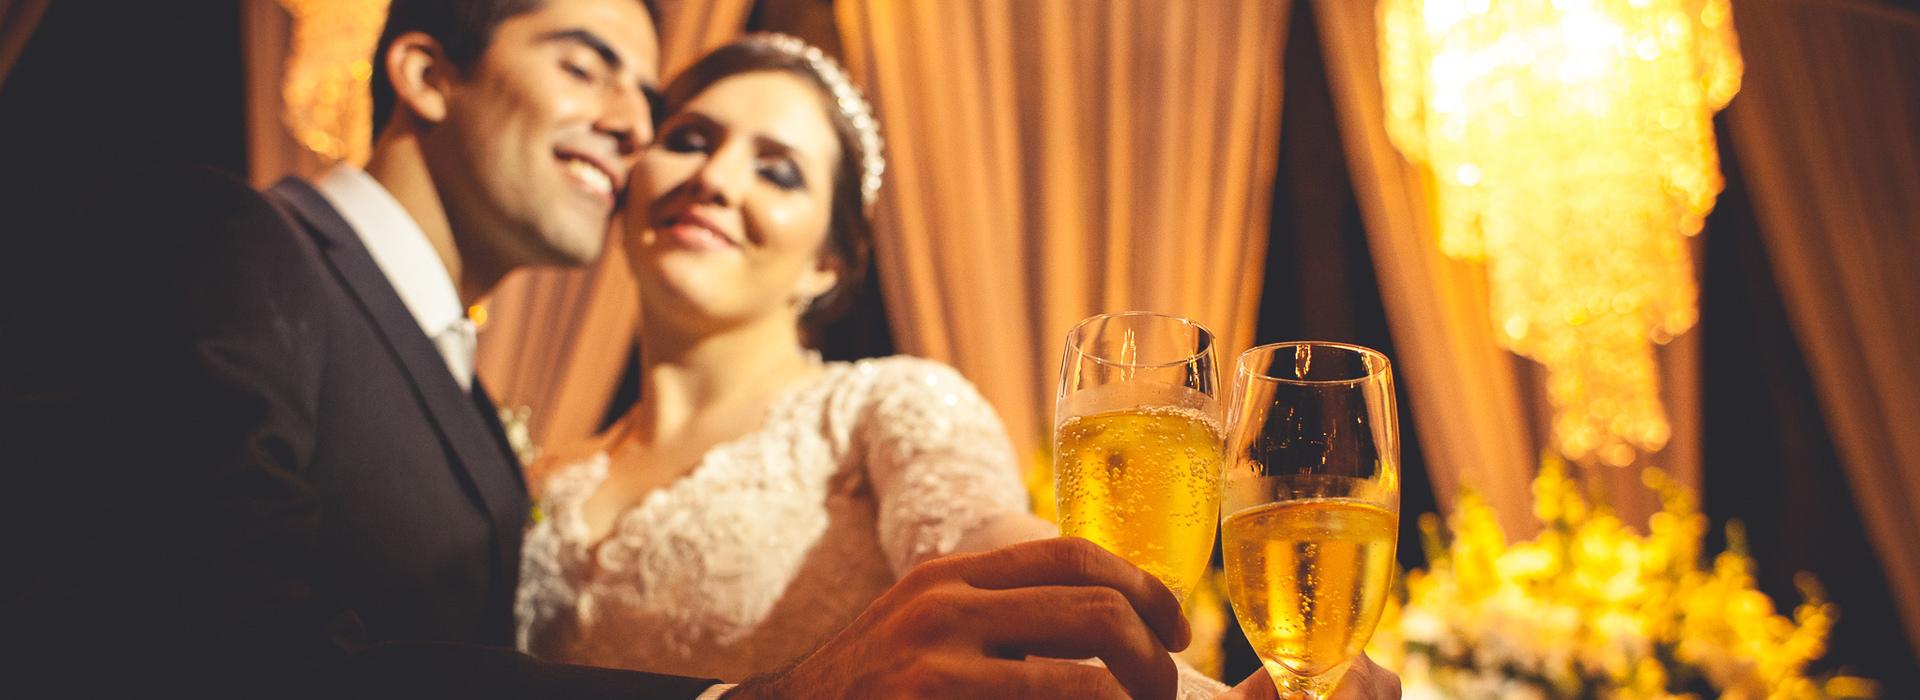 Casamentos de Ana + Thiago em Chácara Chiari - Belo Horizonte / MG